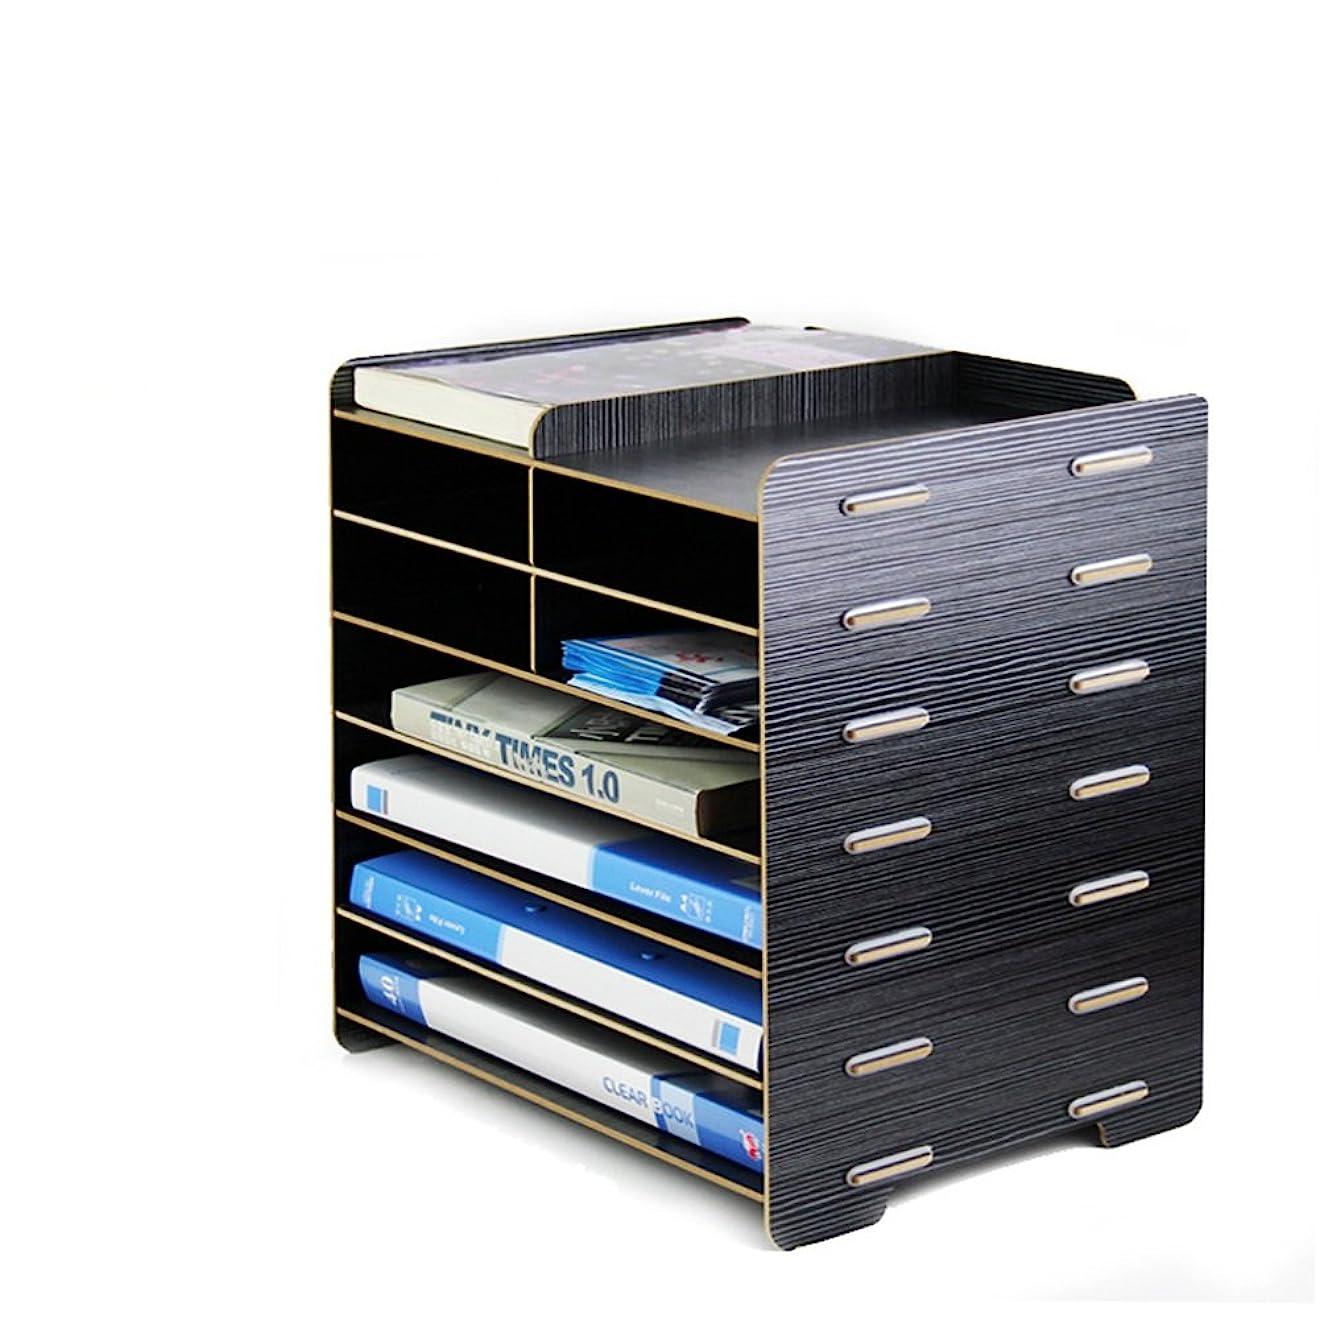 クアッガ団結契約するファイルディバイダーホルダーラック オフィス用品デスクトップA4とA5のファイルボックスクリエイティブ木製マルチレイヤデータストレージ ドキュメントオーガナイザー (色 : Black)